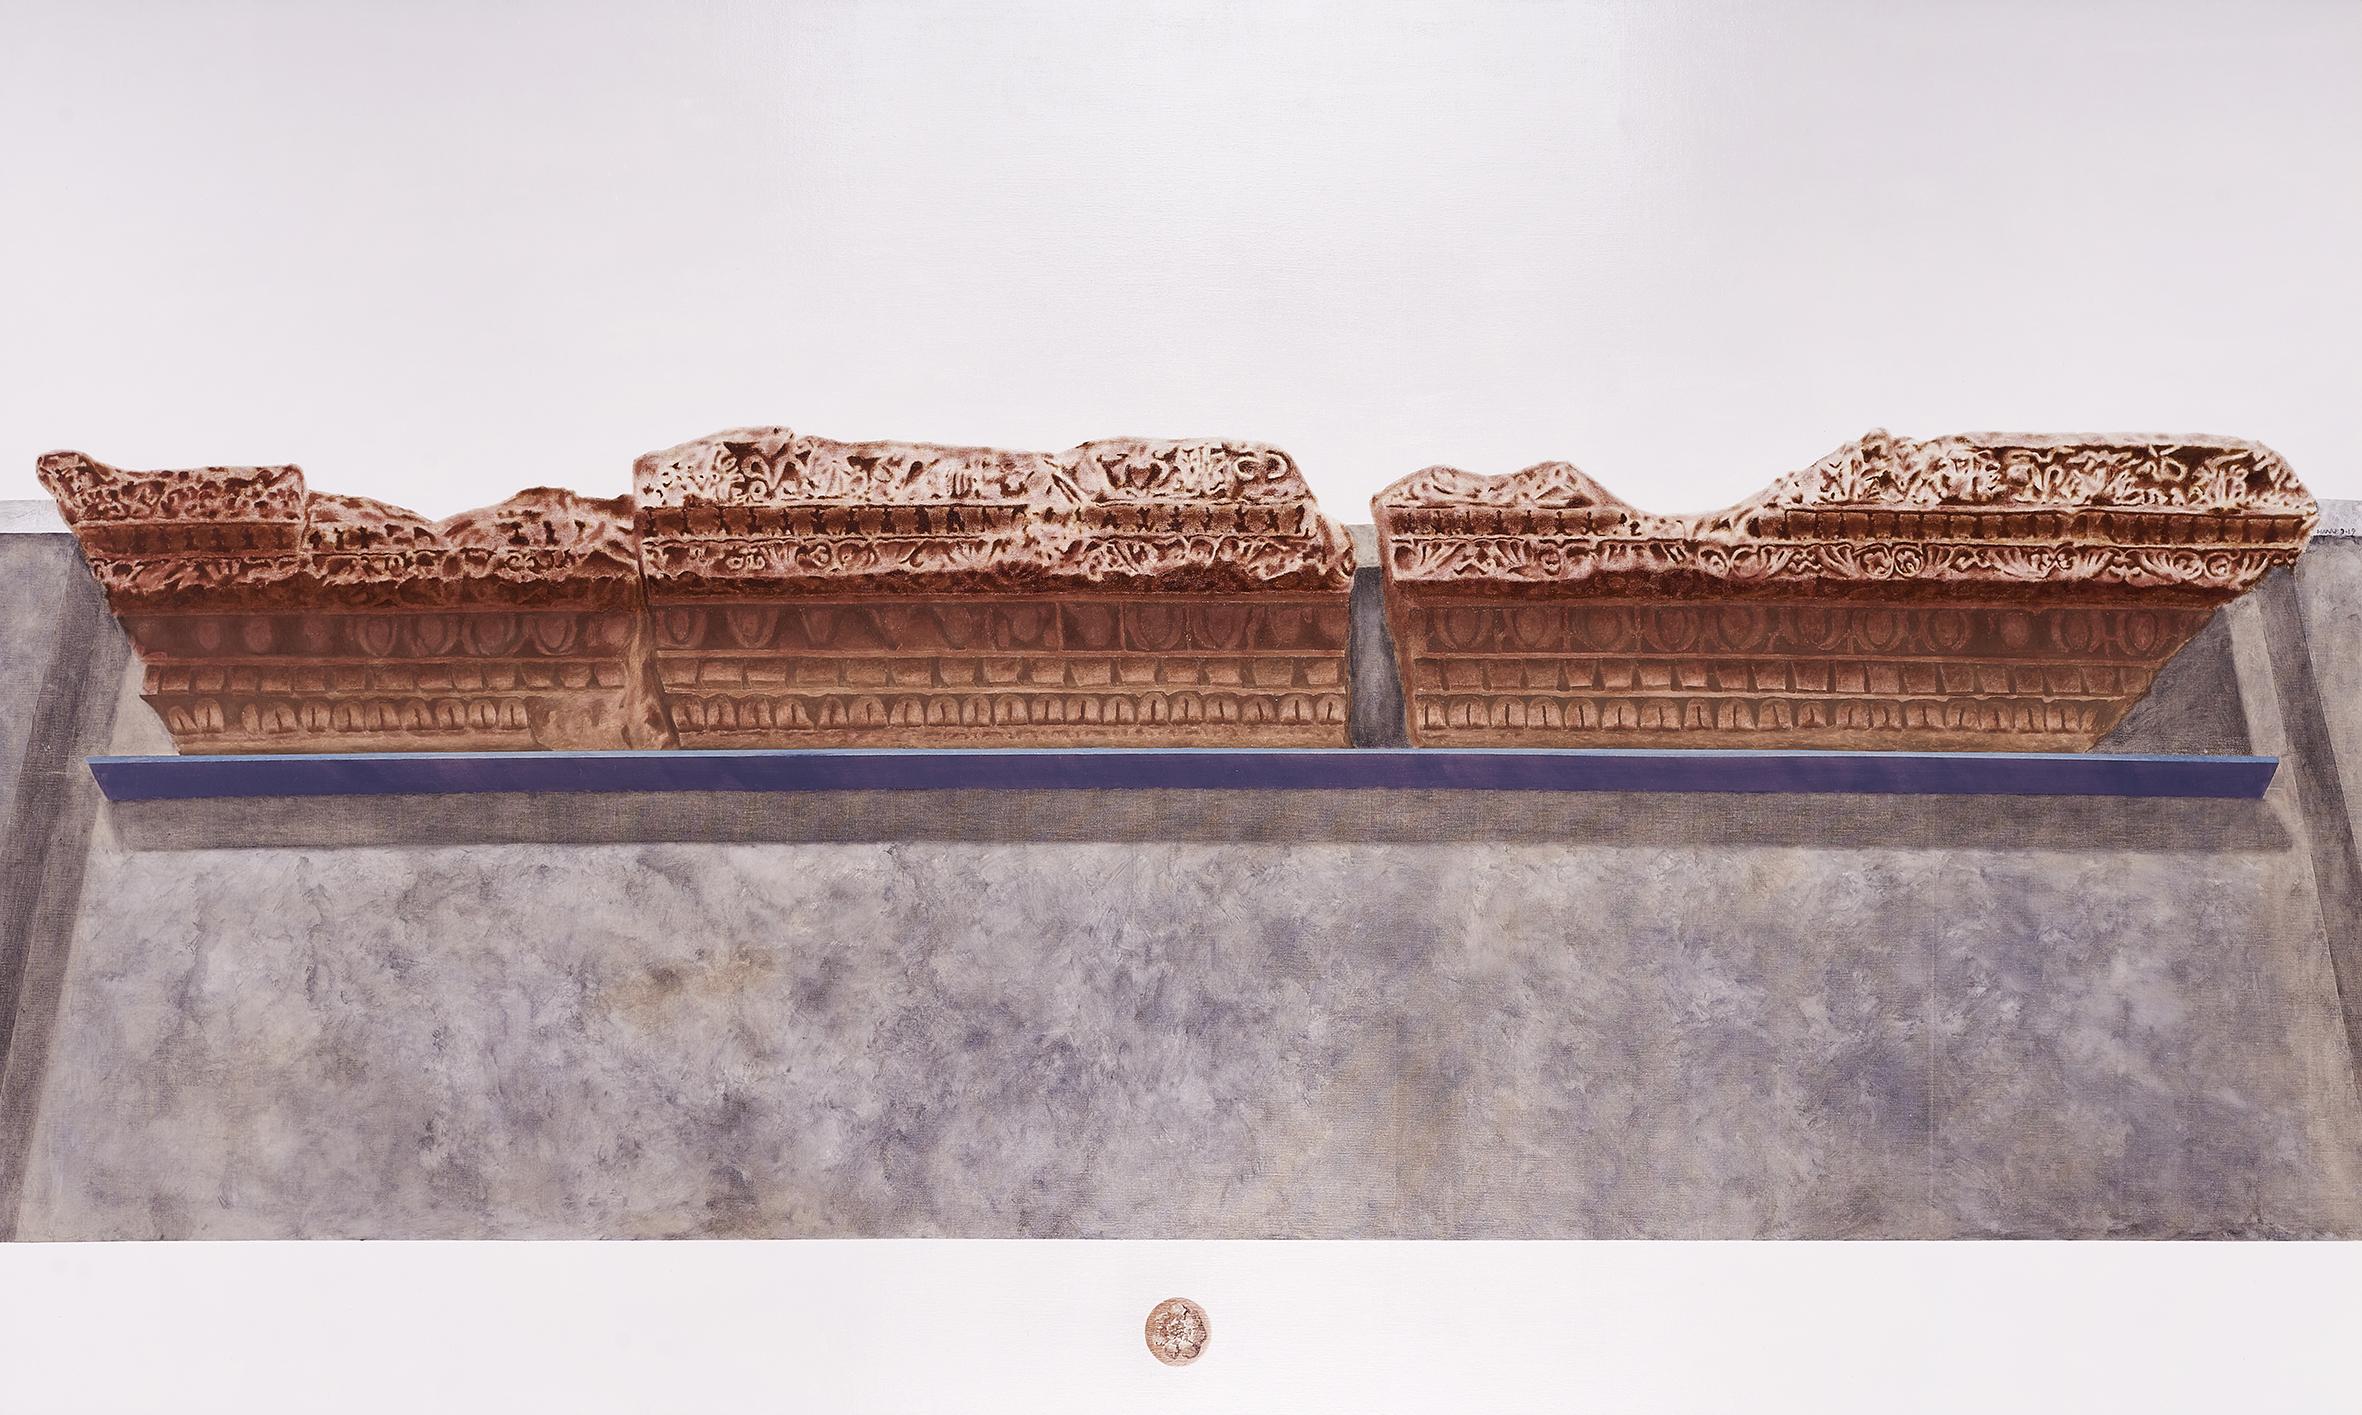 Frammento della Domus Flavia, Palatino, Roma. Napoli, Museo Arqueologico Nazionale di Napoli  2019 Olio su lino; 105 x177 cm